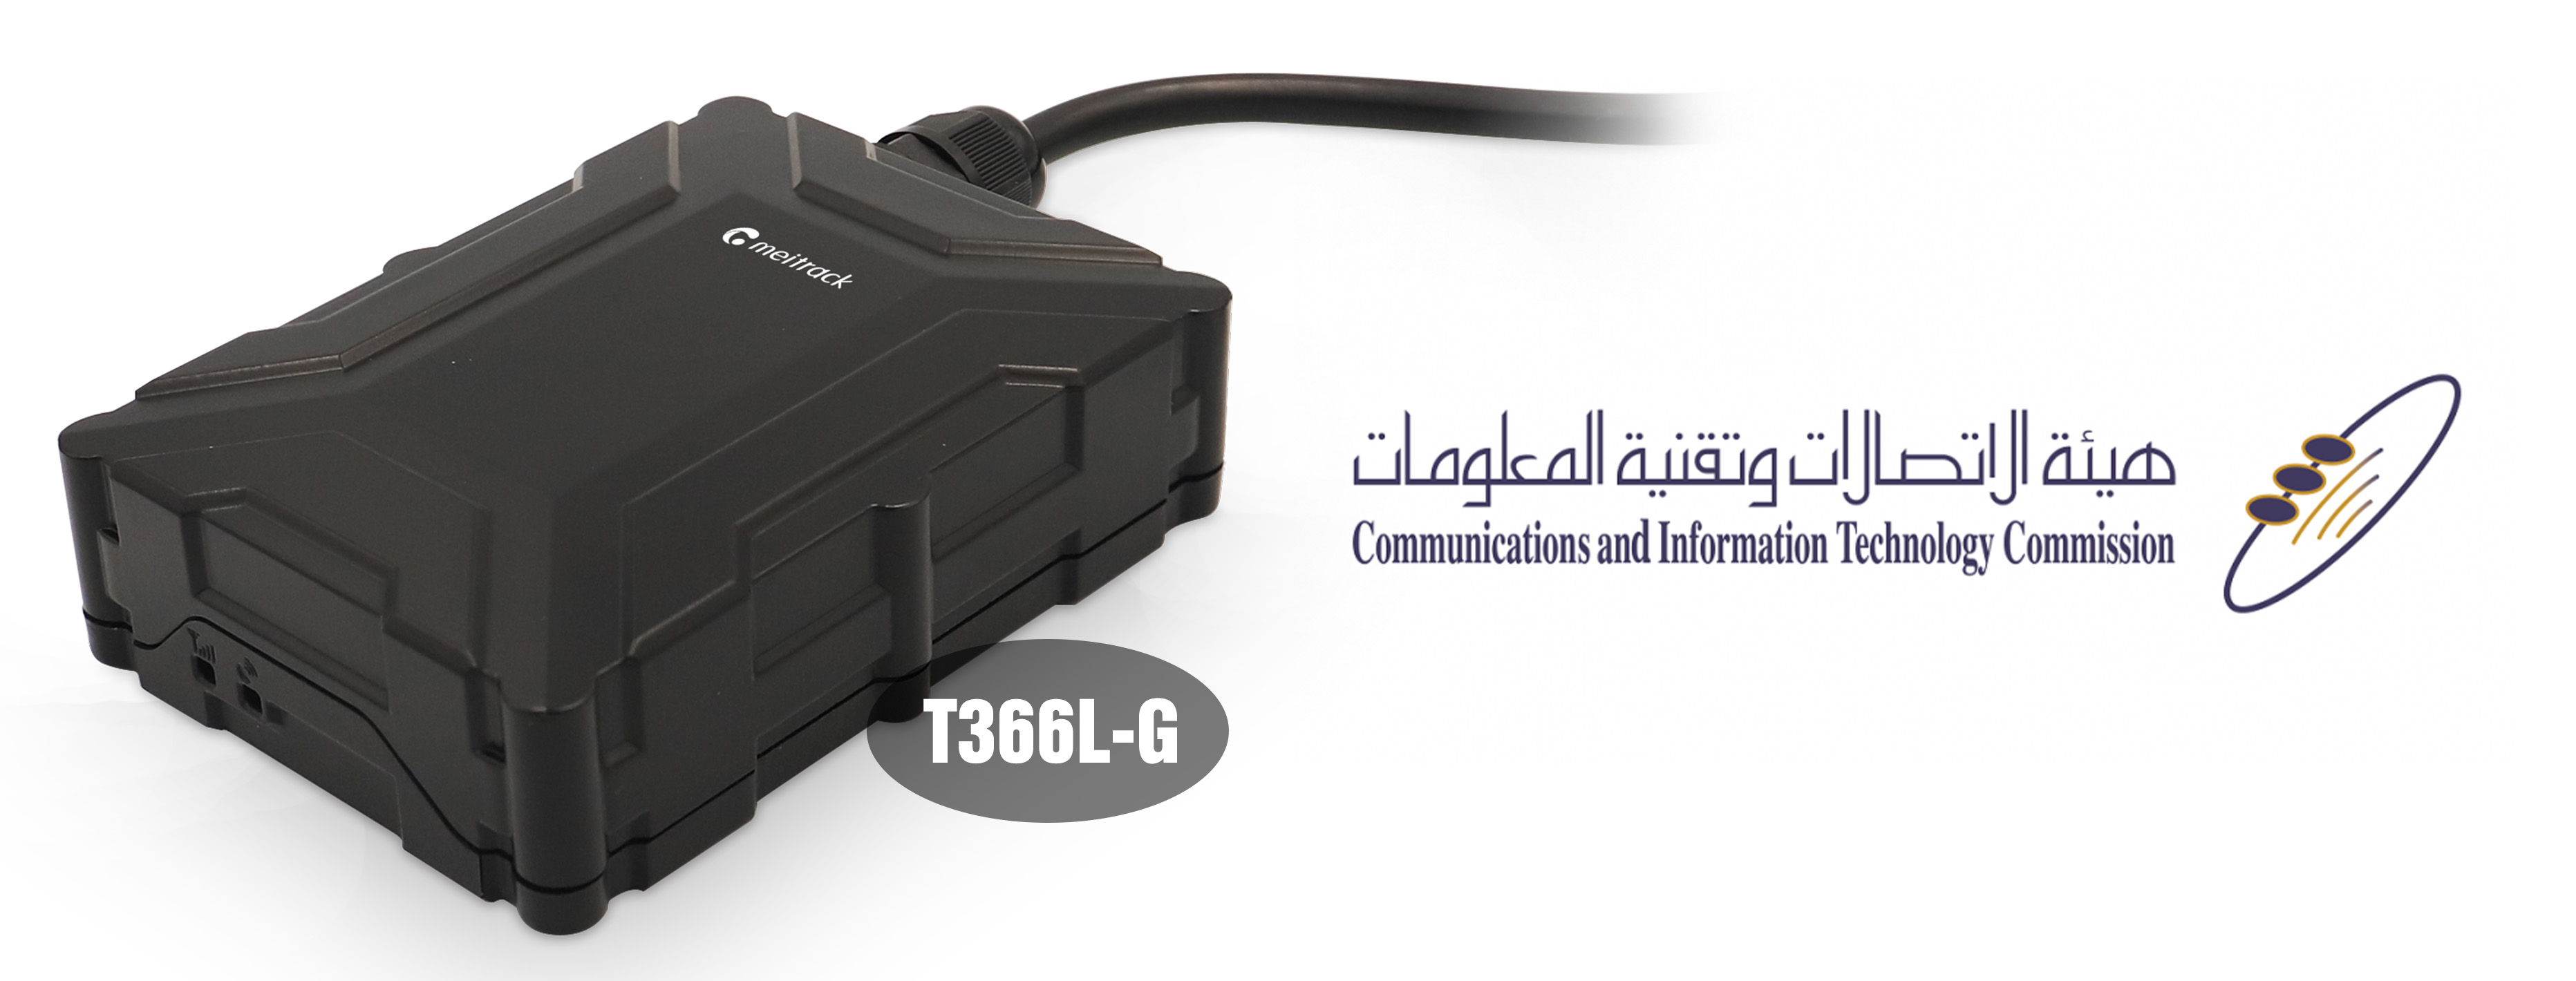 T366L-G-1